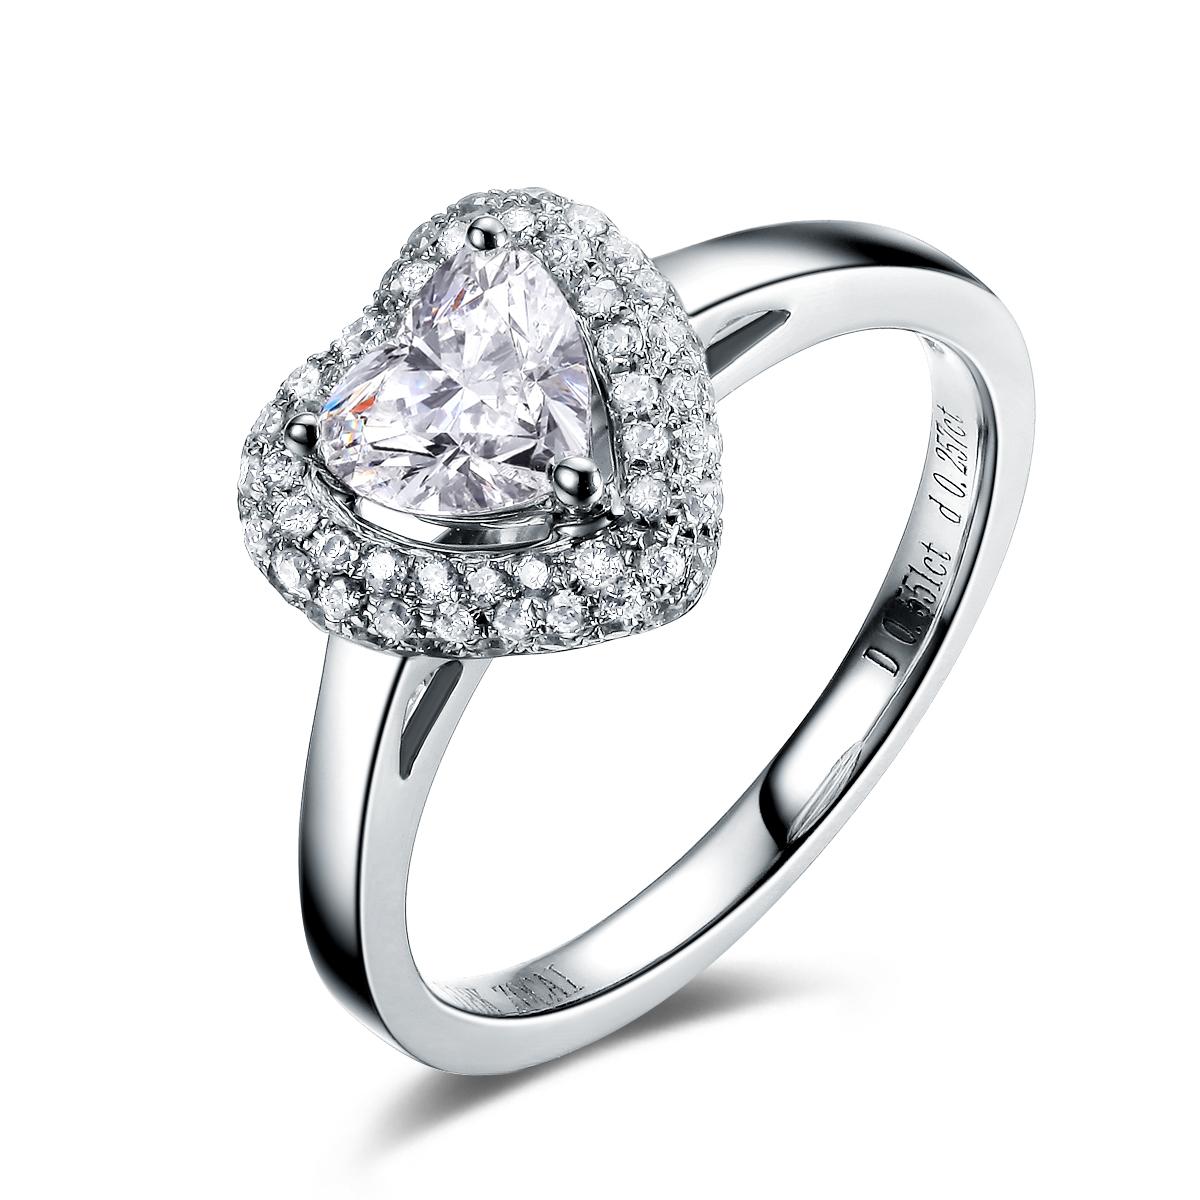 求婚、订婚、结婚戒指之间有什么不同